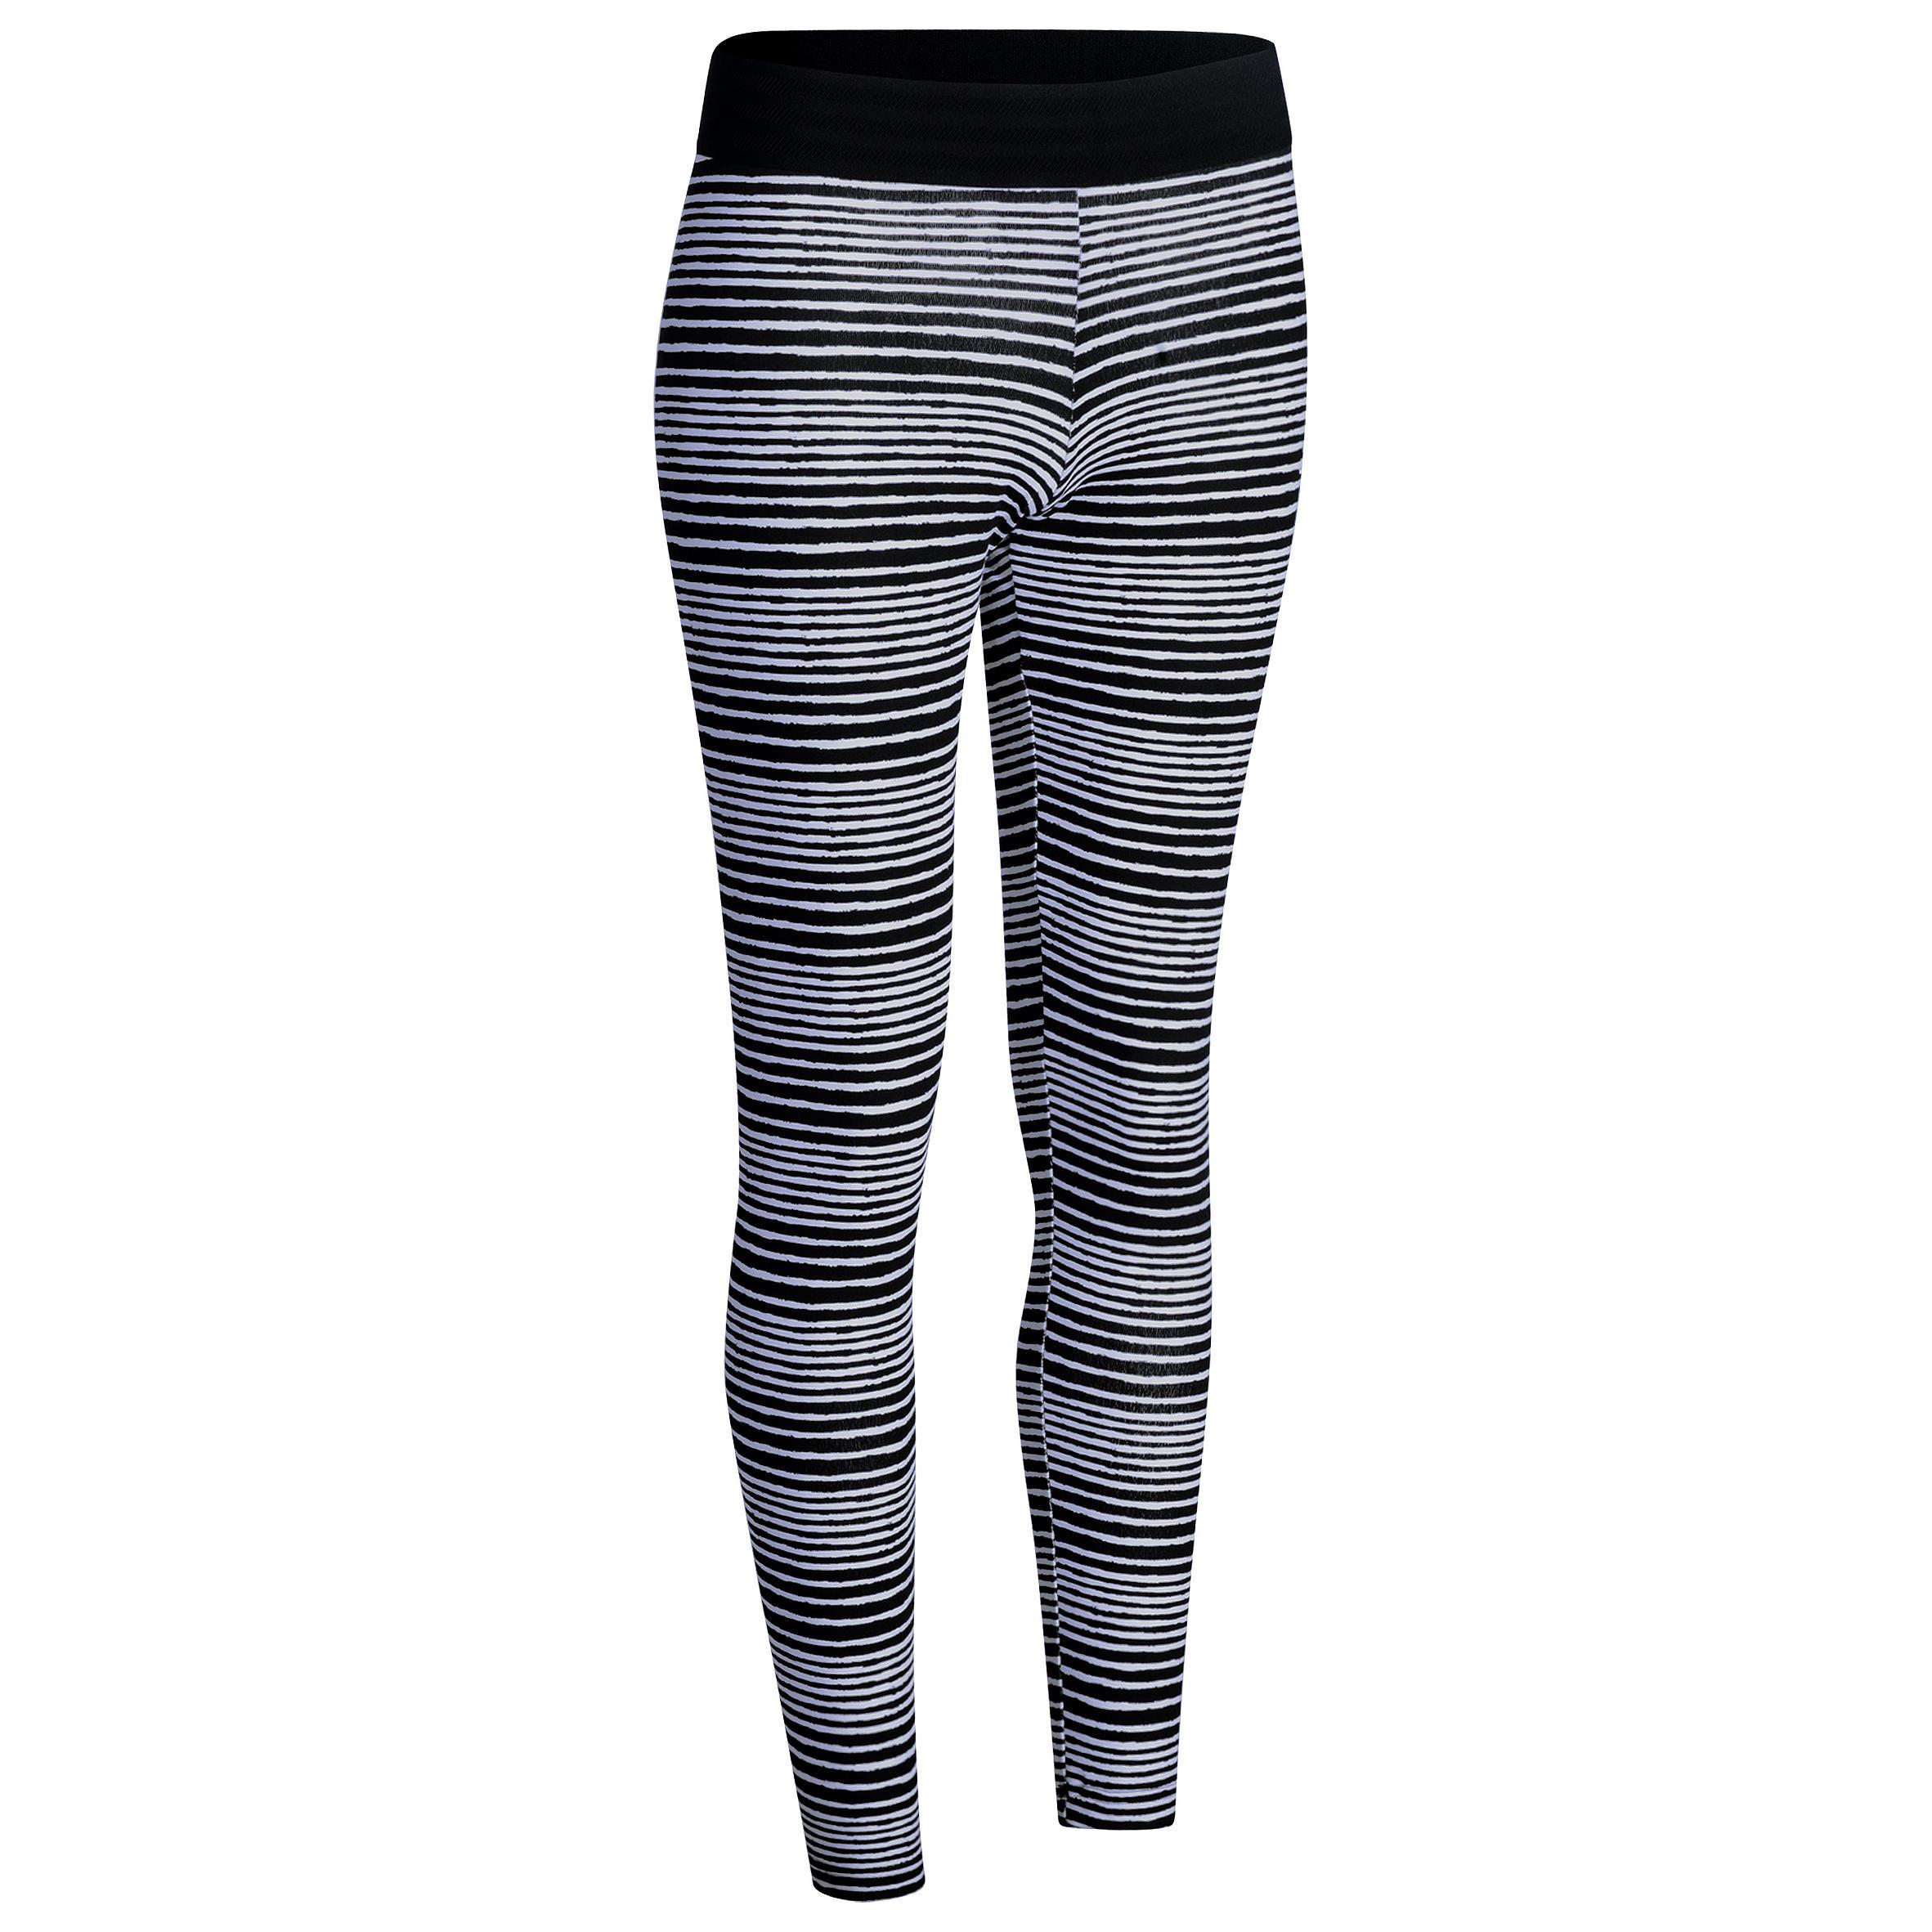 Adidas Fitnesslegging dames zwart/wit/grijs